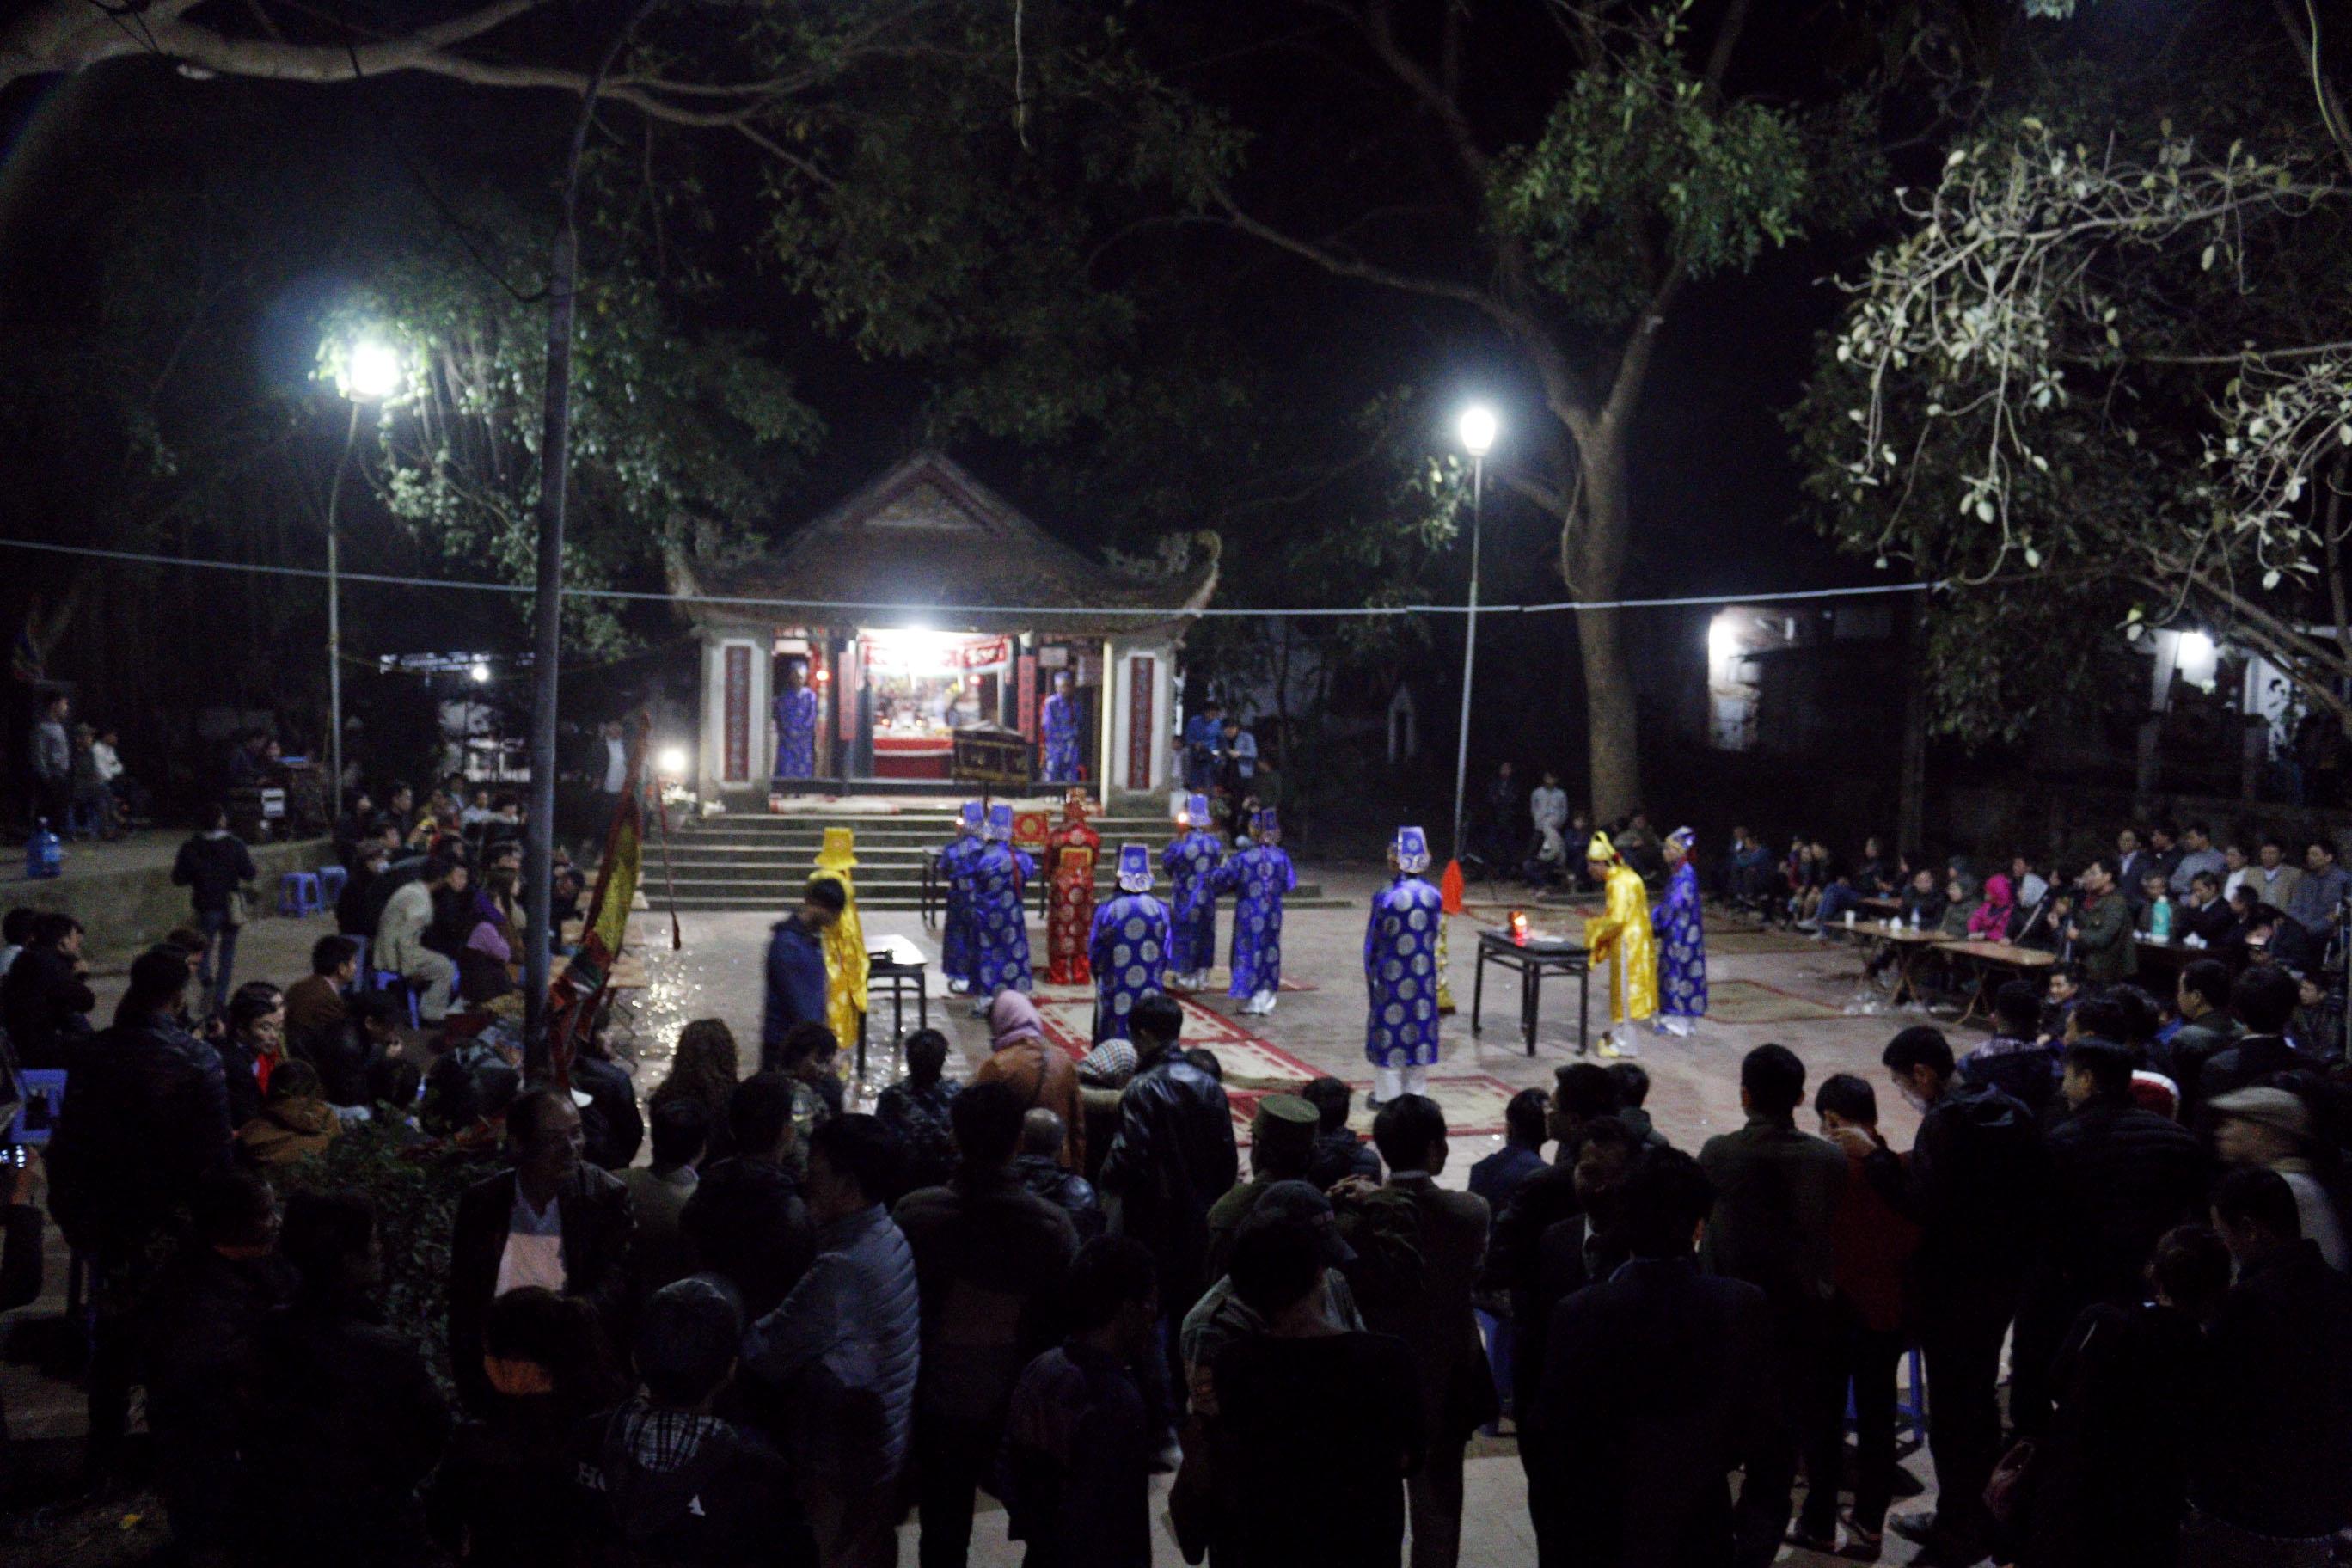 Hình ảnh Người dân vây kín miếu xem cặp vợ chồng làm chuyện ấy lúc nửa đêm tại lễ hội linh tinh tình phộc số 1